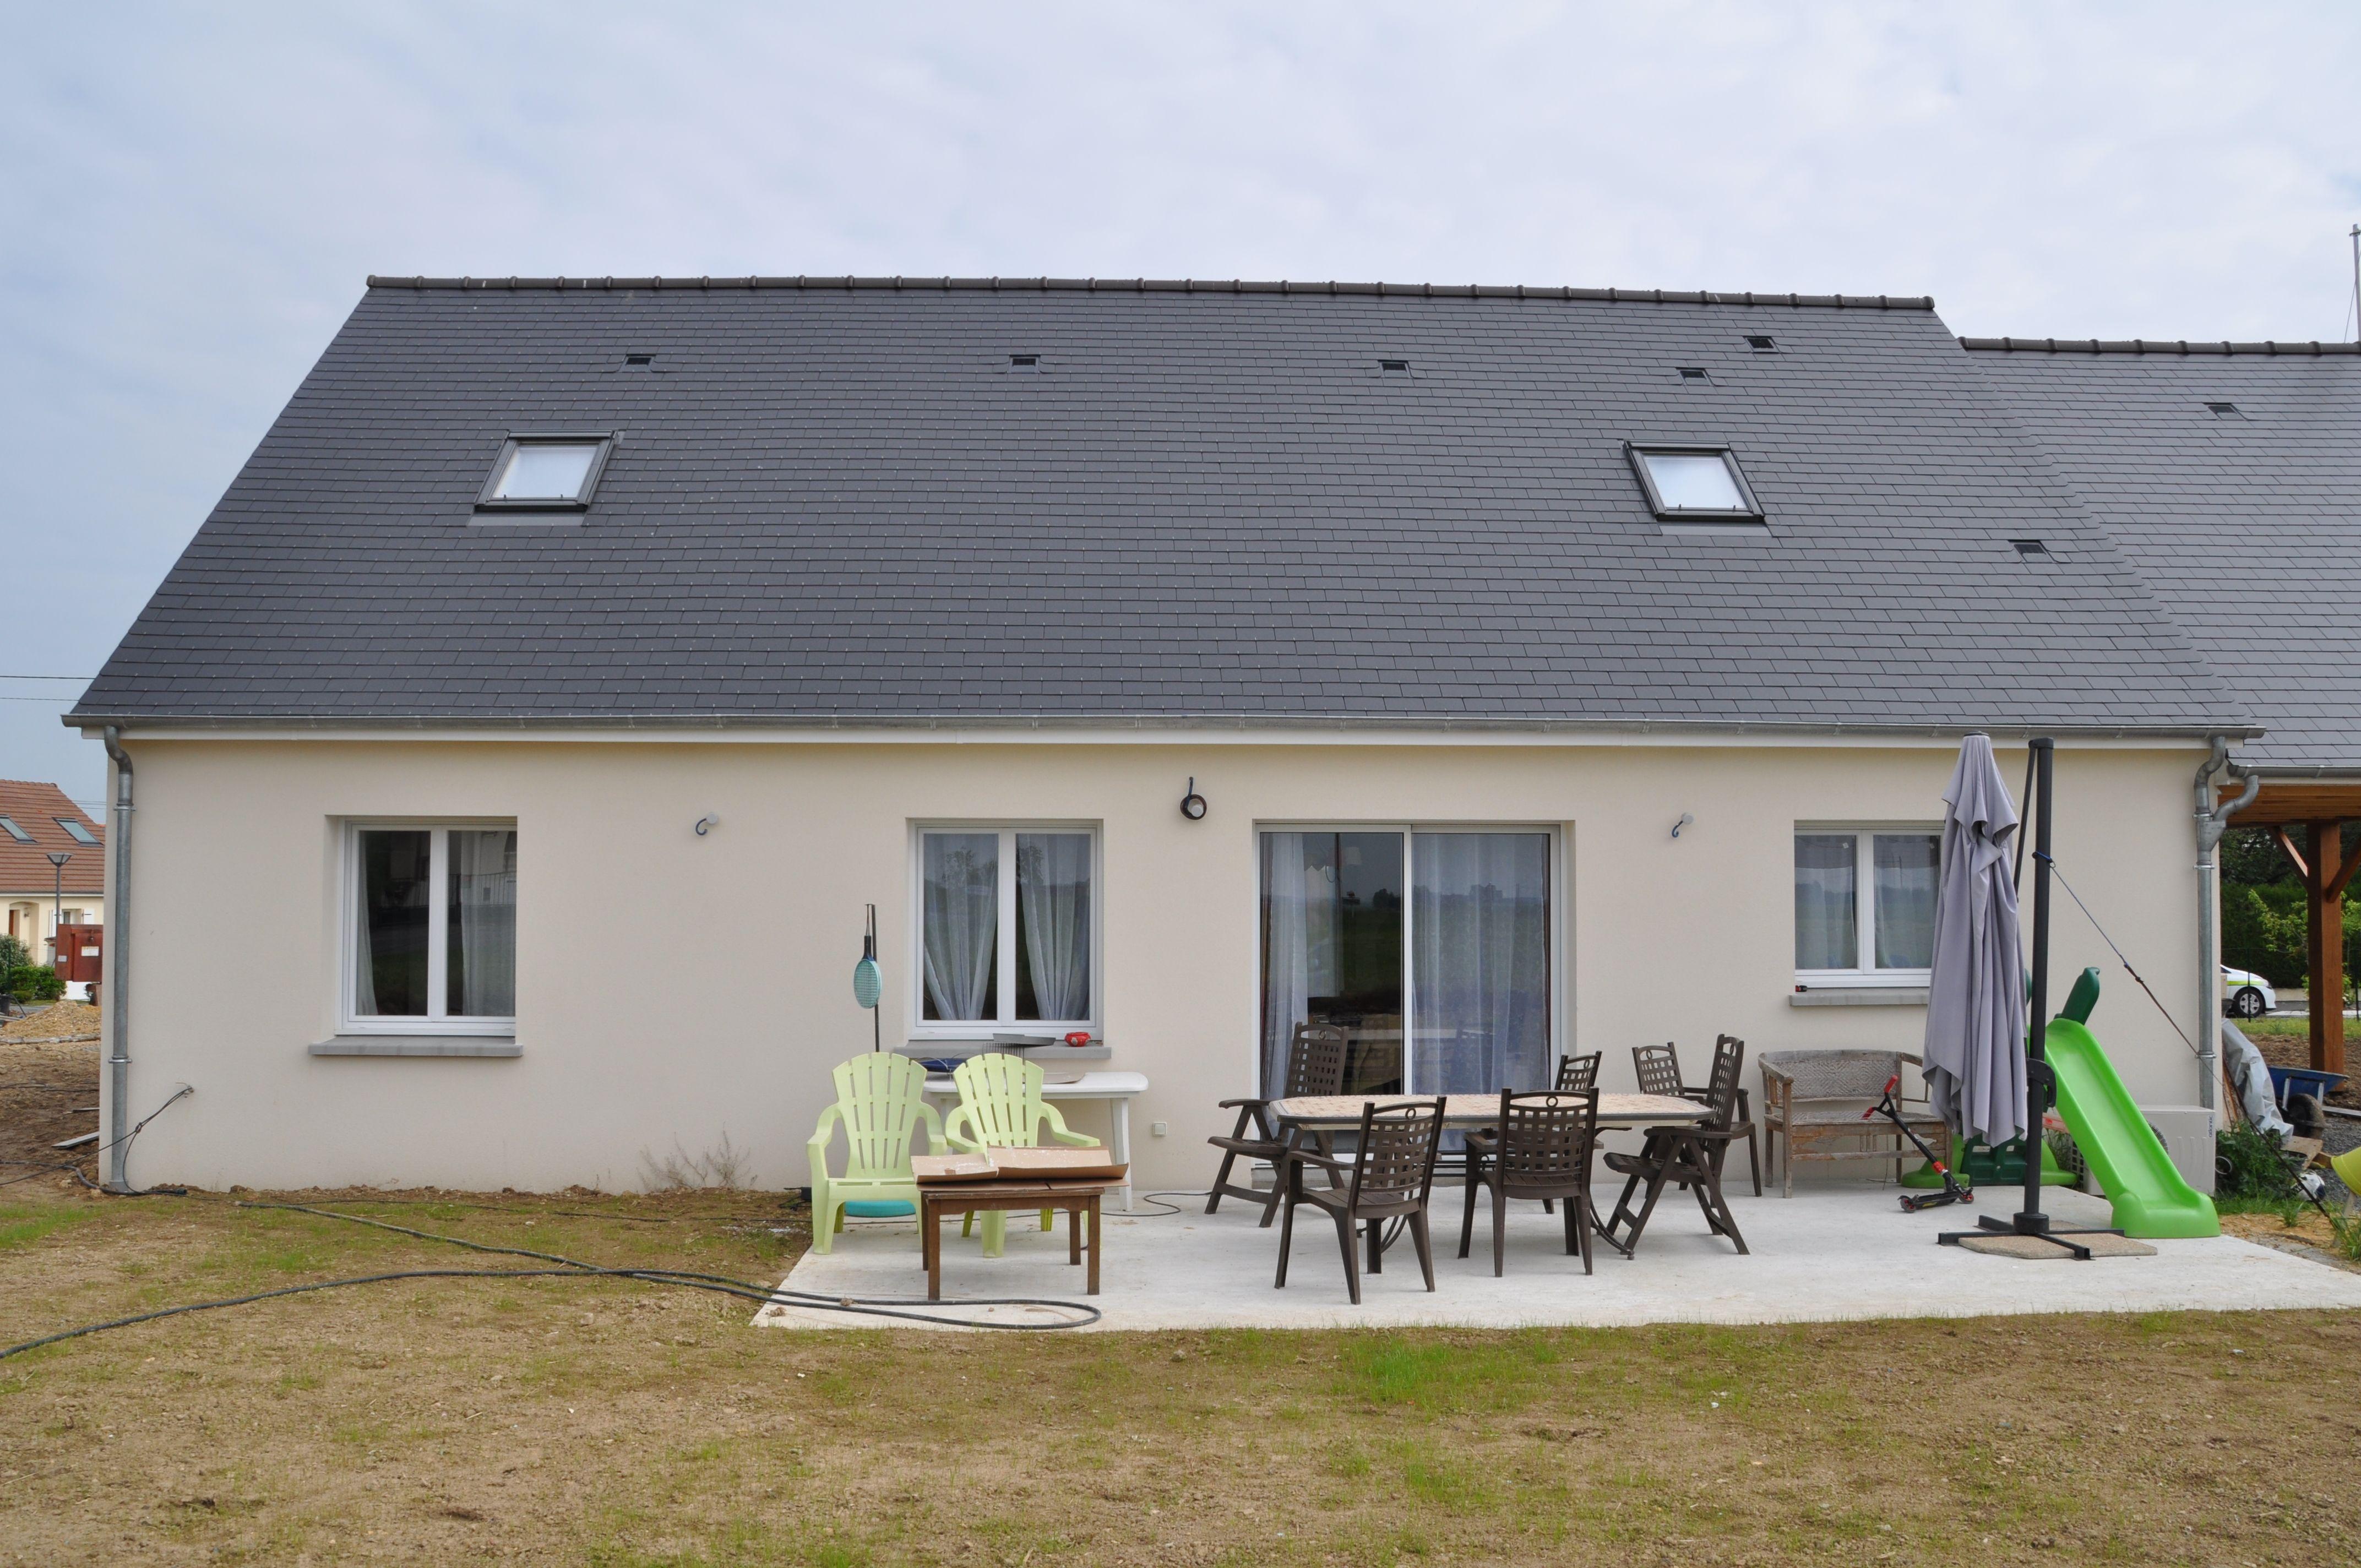 Constructeur maison indre et loire avie home for Constructeur maison 37